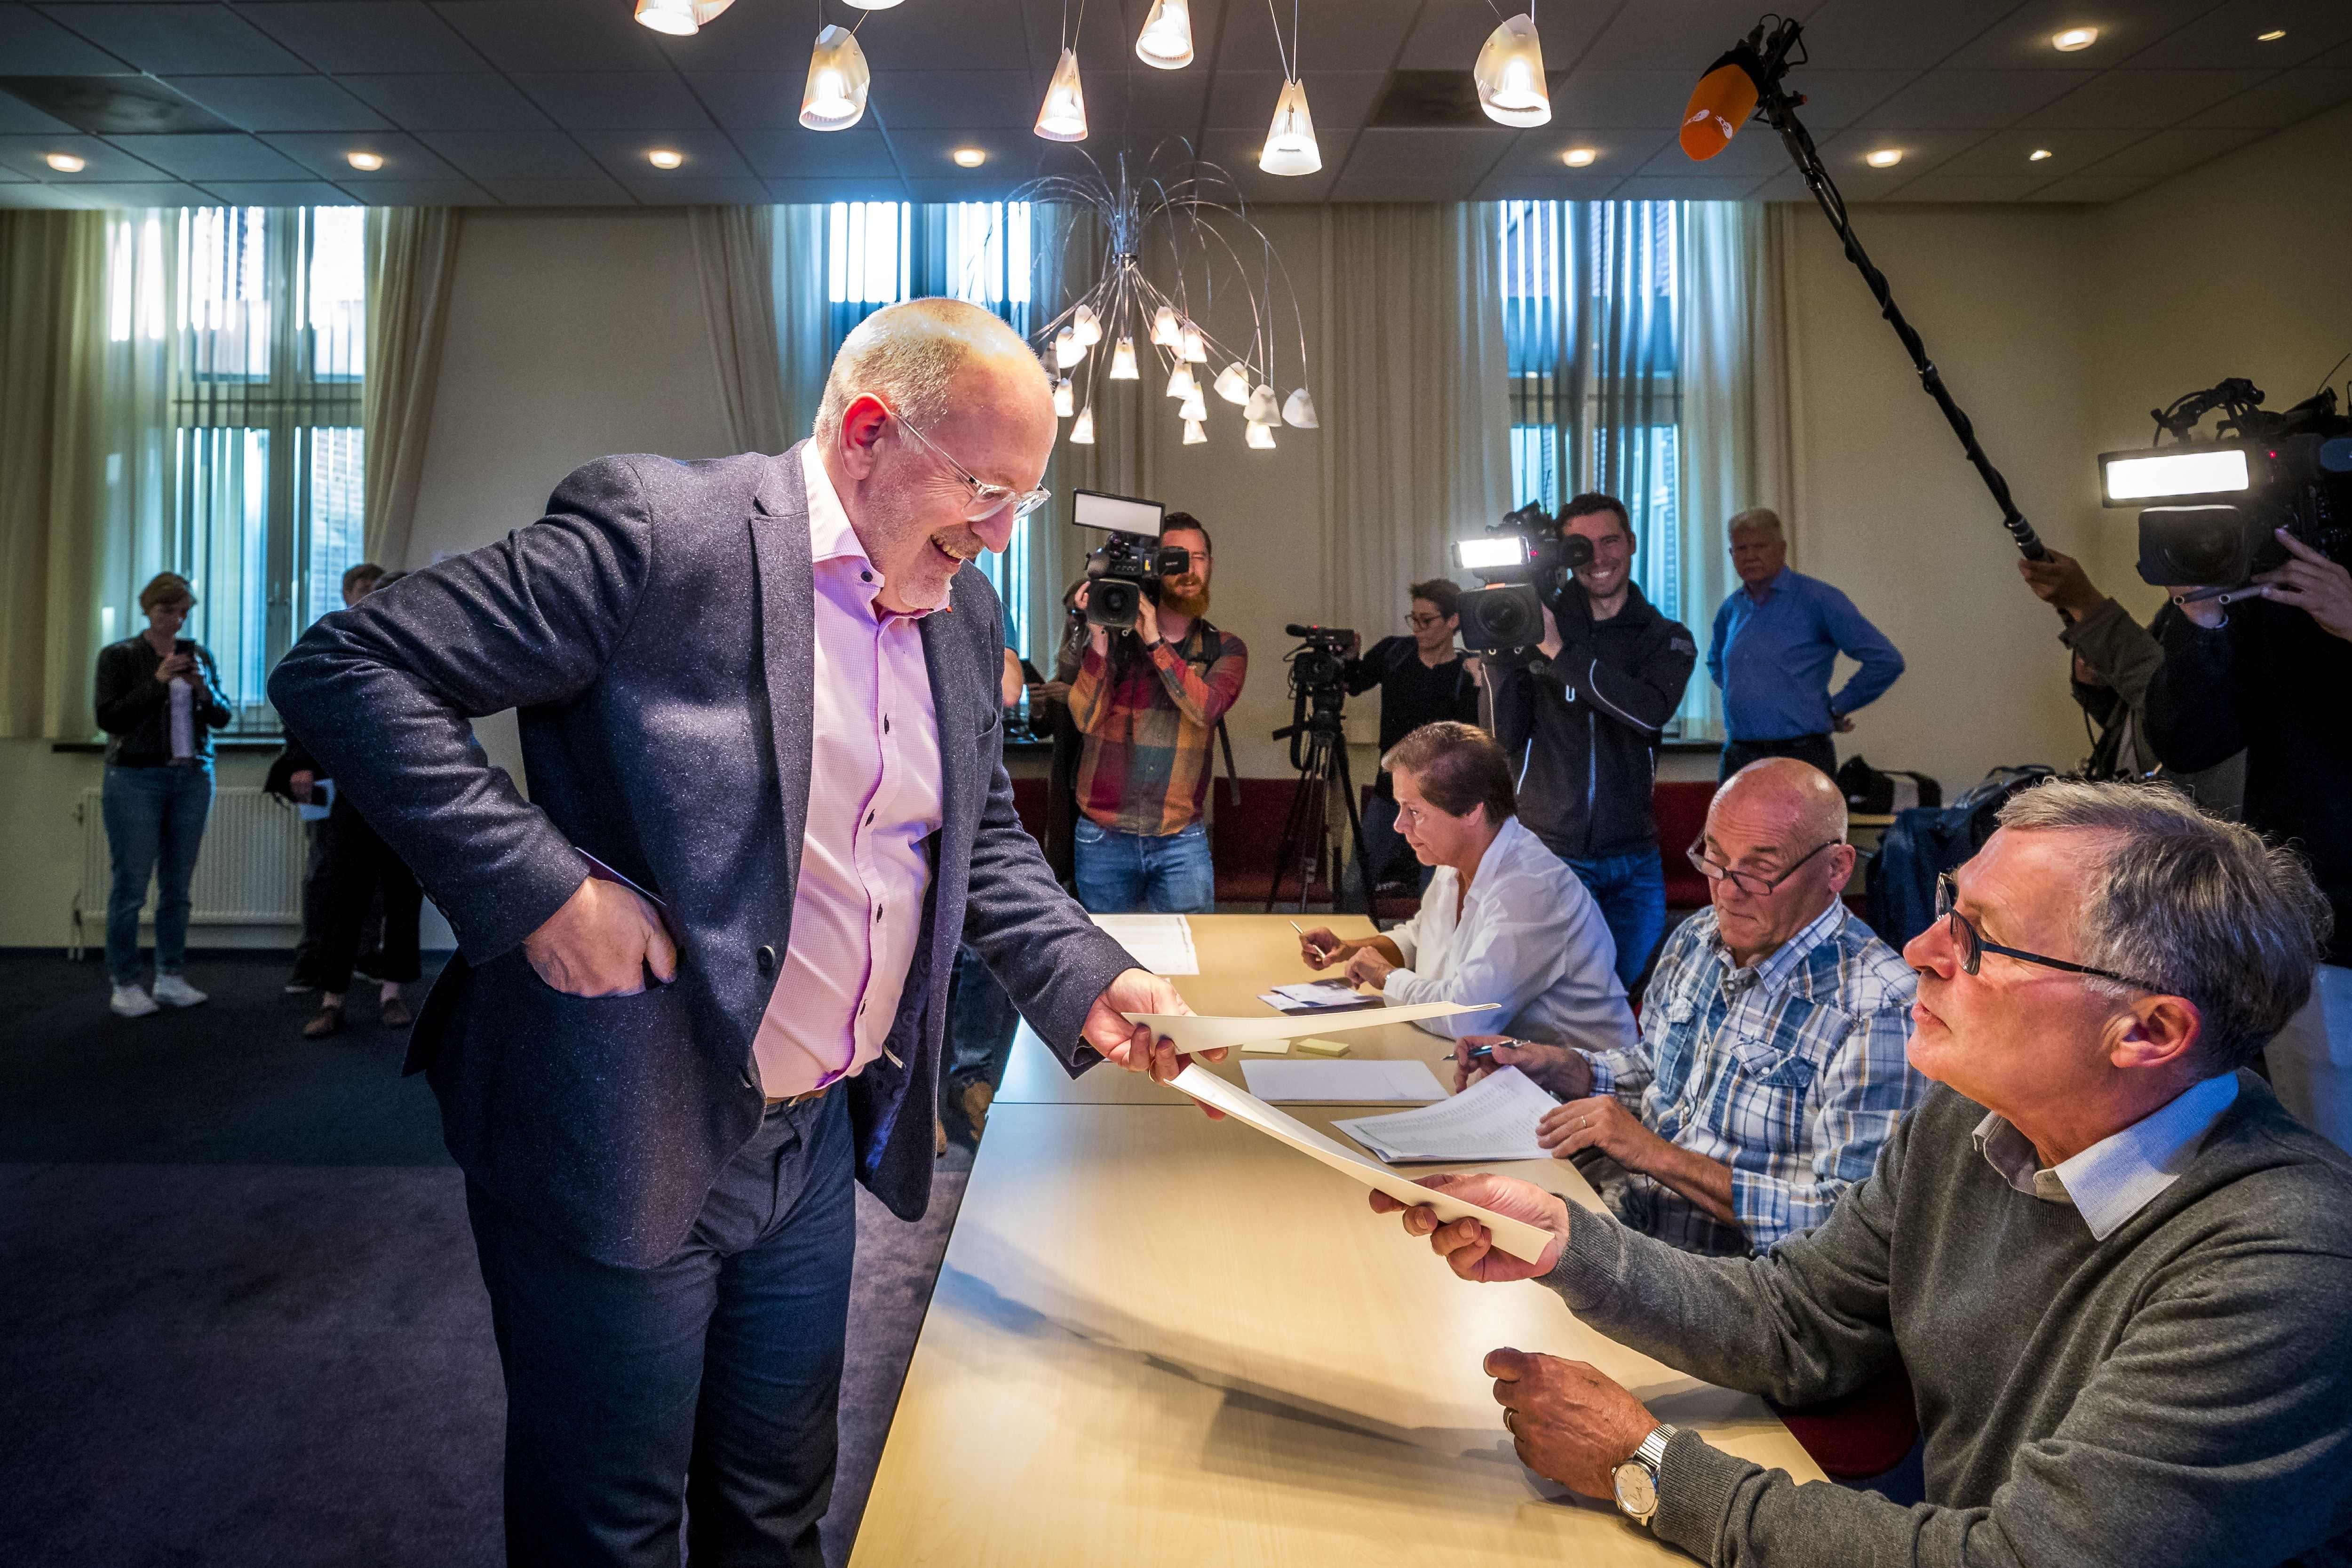 Holandia: Sondażowe wyniki wyborów do Parlamentu Europejskiego dają zwycięstwo partii F.Timmermansa